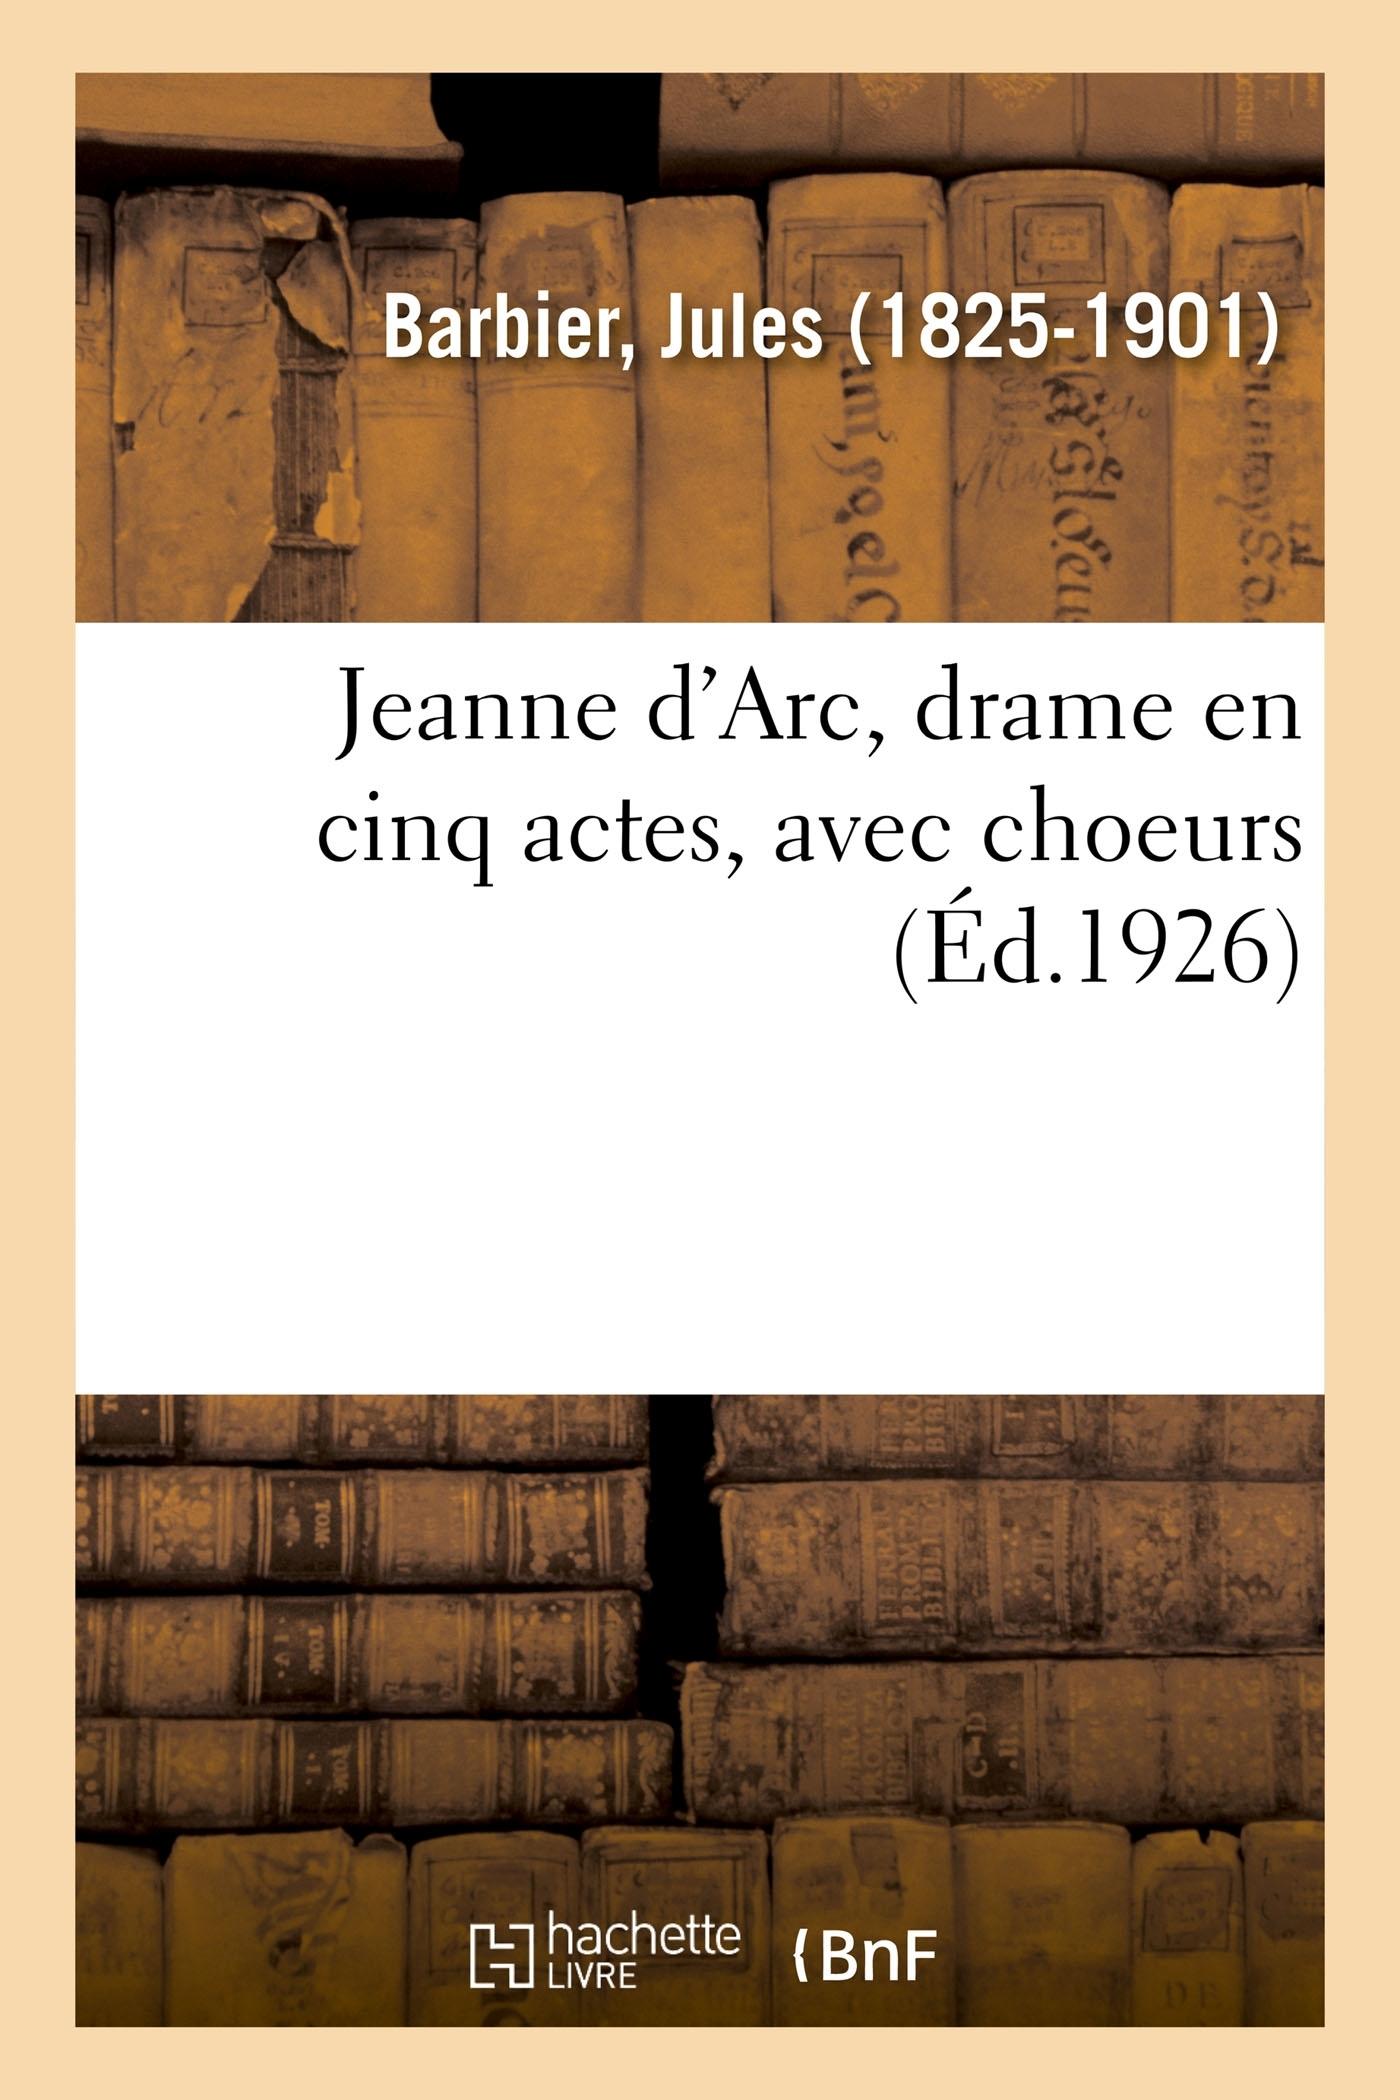 JEANNE D'ARC, DRAME EN CINQ ACTES, AVEC CHOEURS